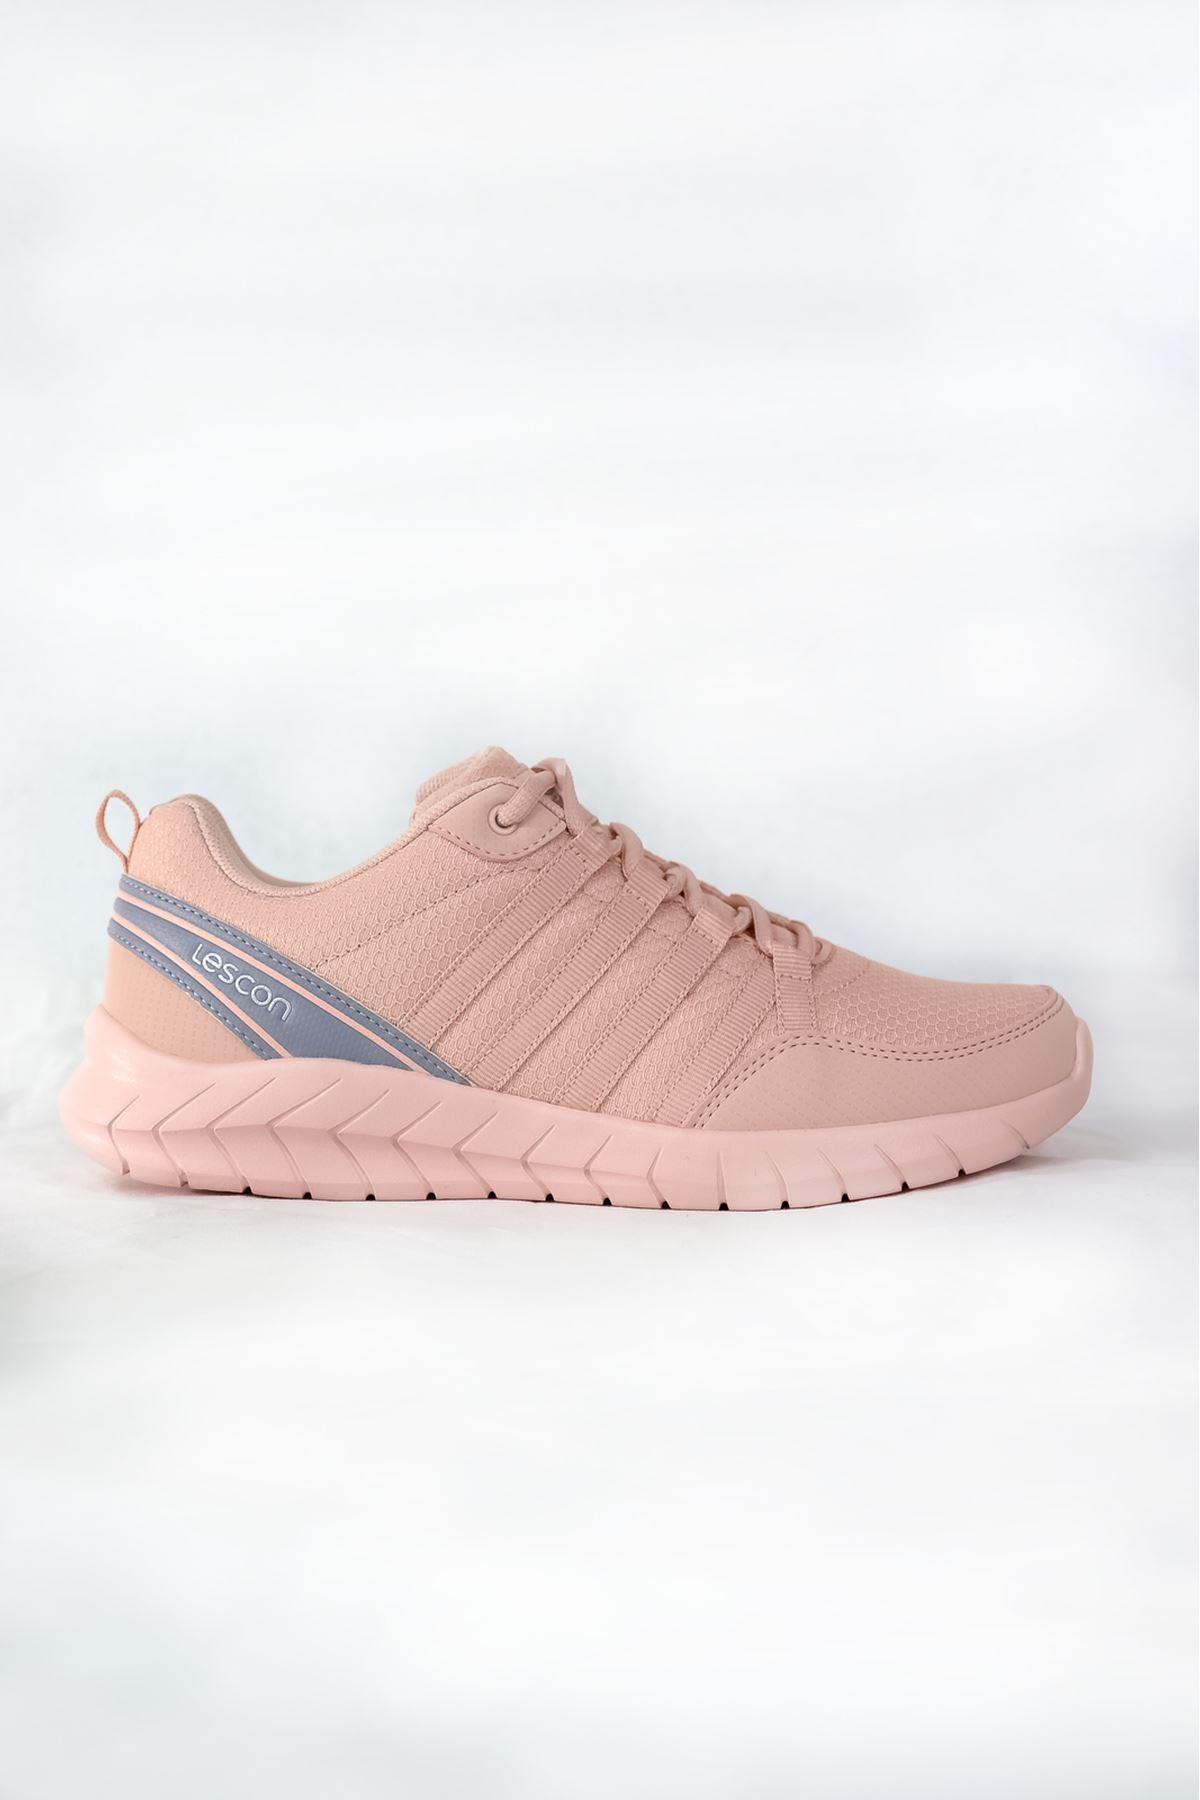 Lescon - Flex Legend-2 Pudra Spor Kadın Ayakkabısı